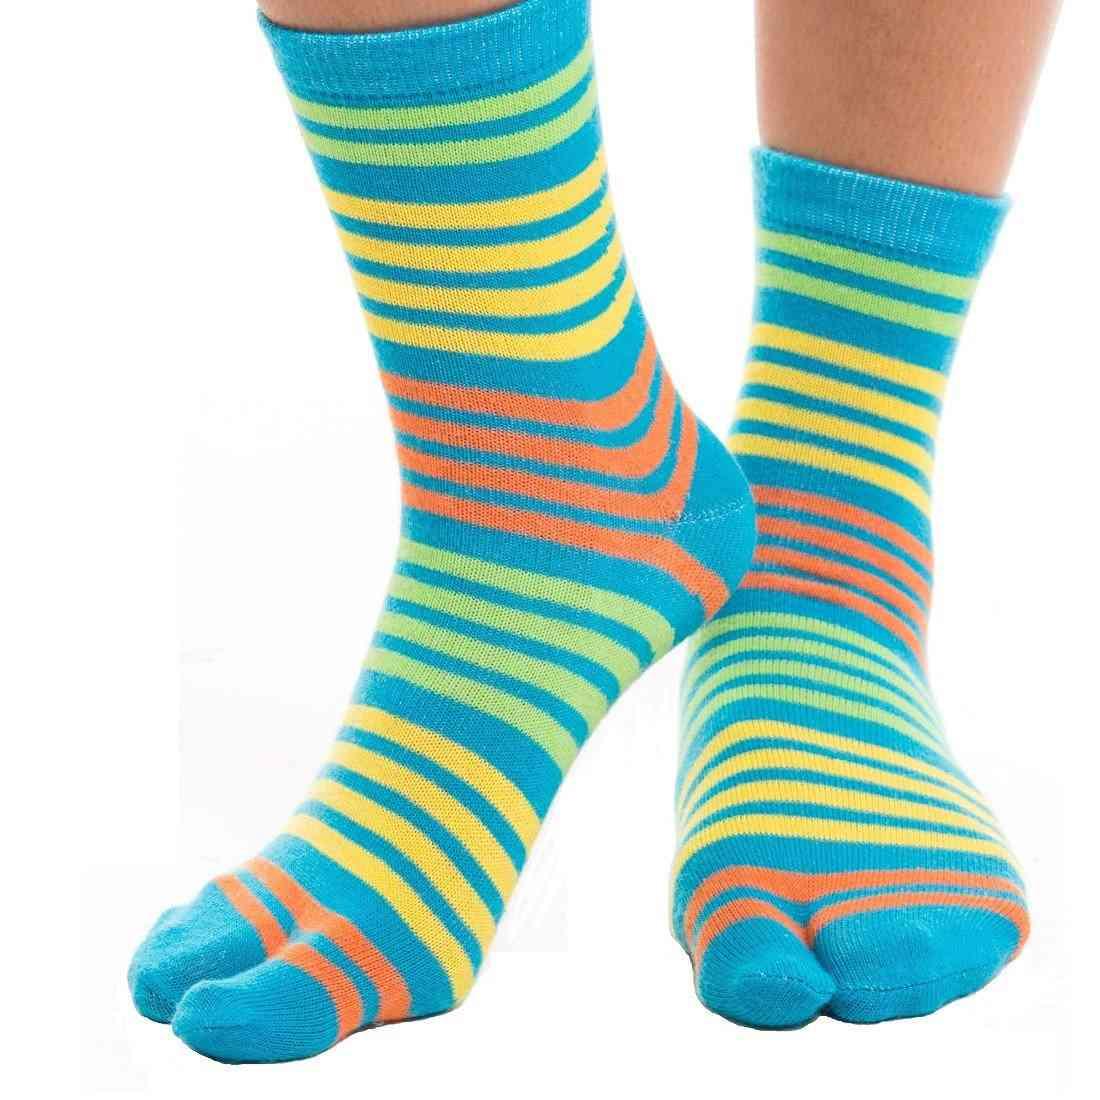 Flip Flop Tabi Socks - Blue, Yellow Striped-1 Pair